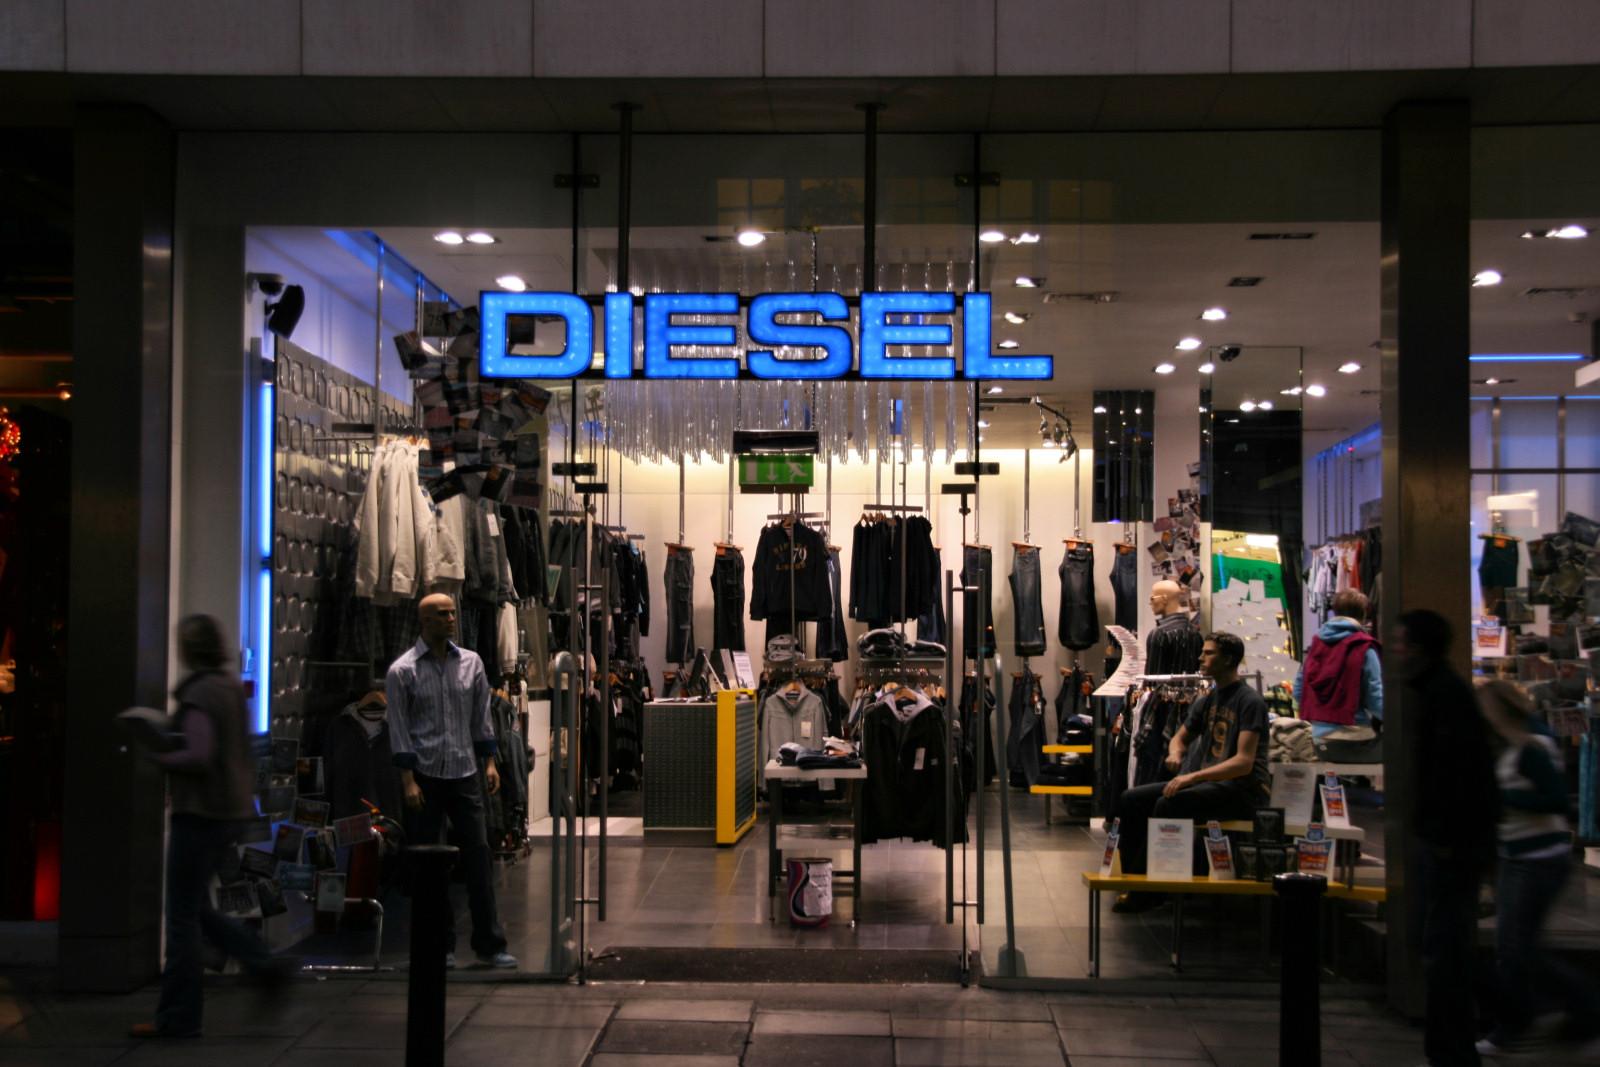 Italian men fashion brands Diesel